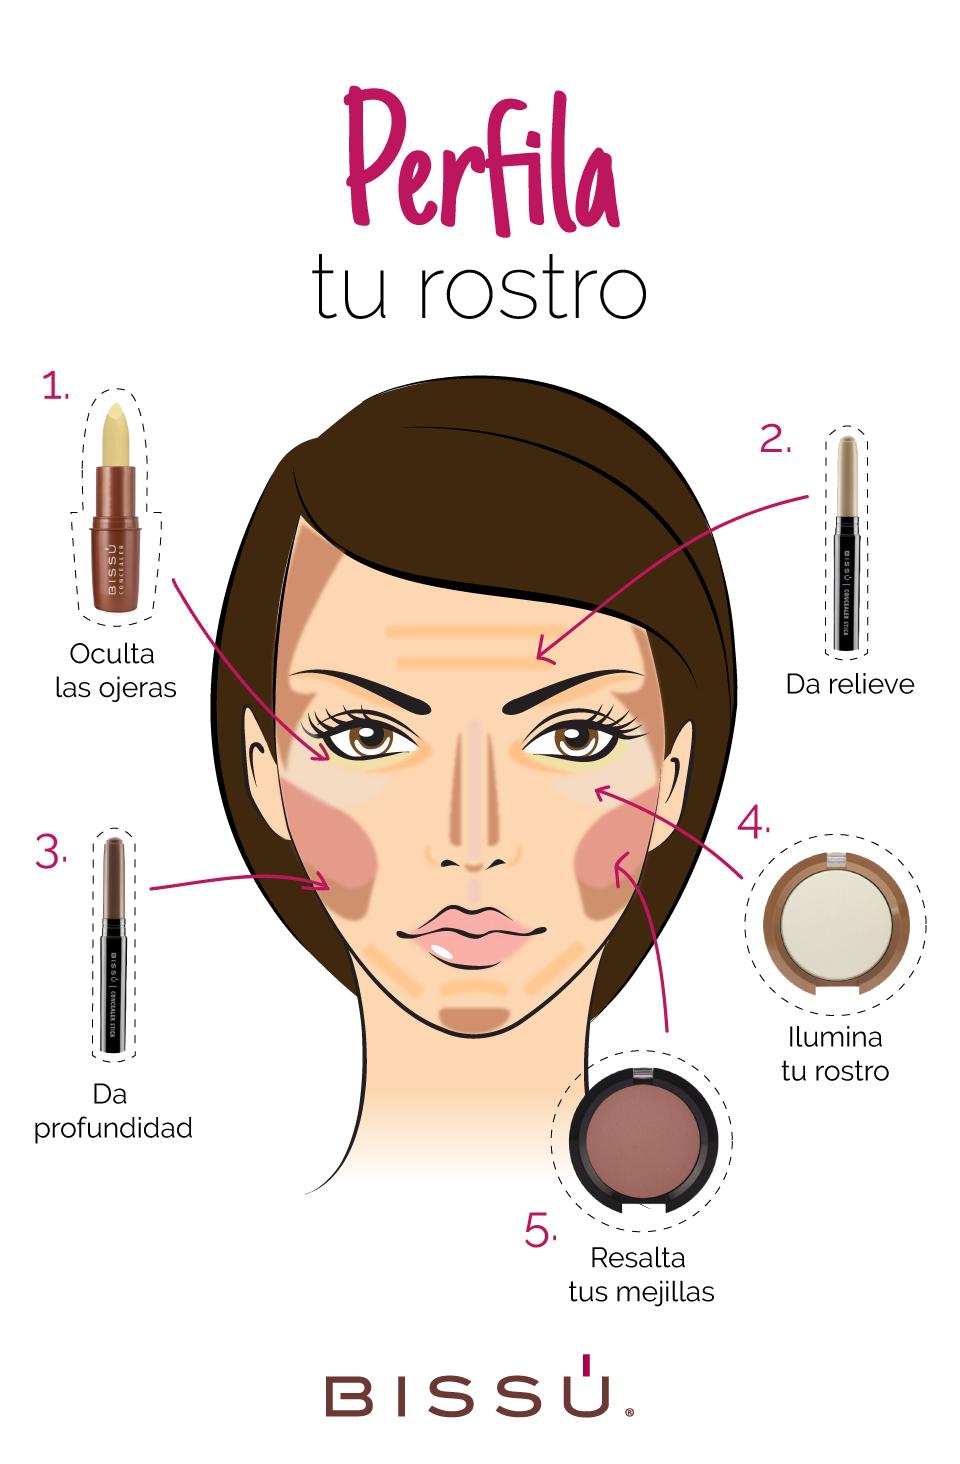 Consigue un rostro perfecto con ayuda de esta guía. Tips